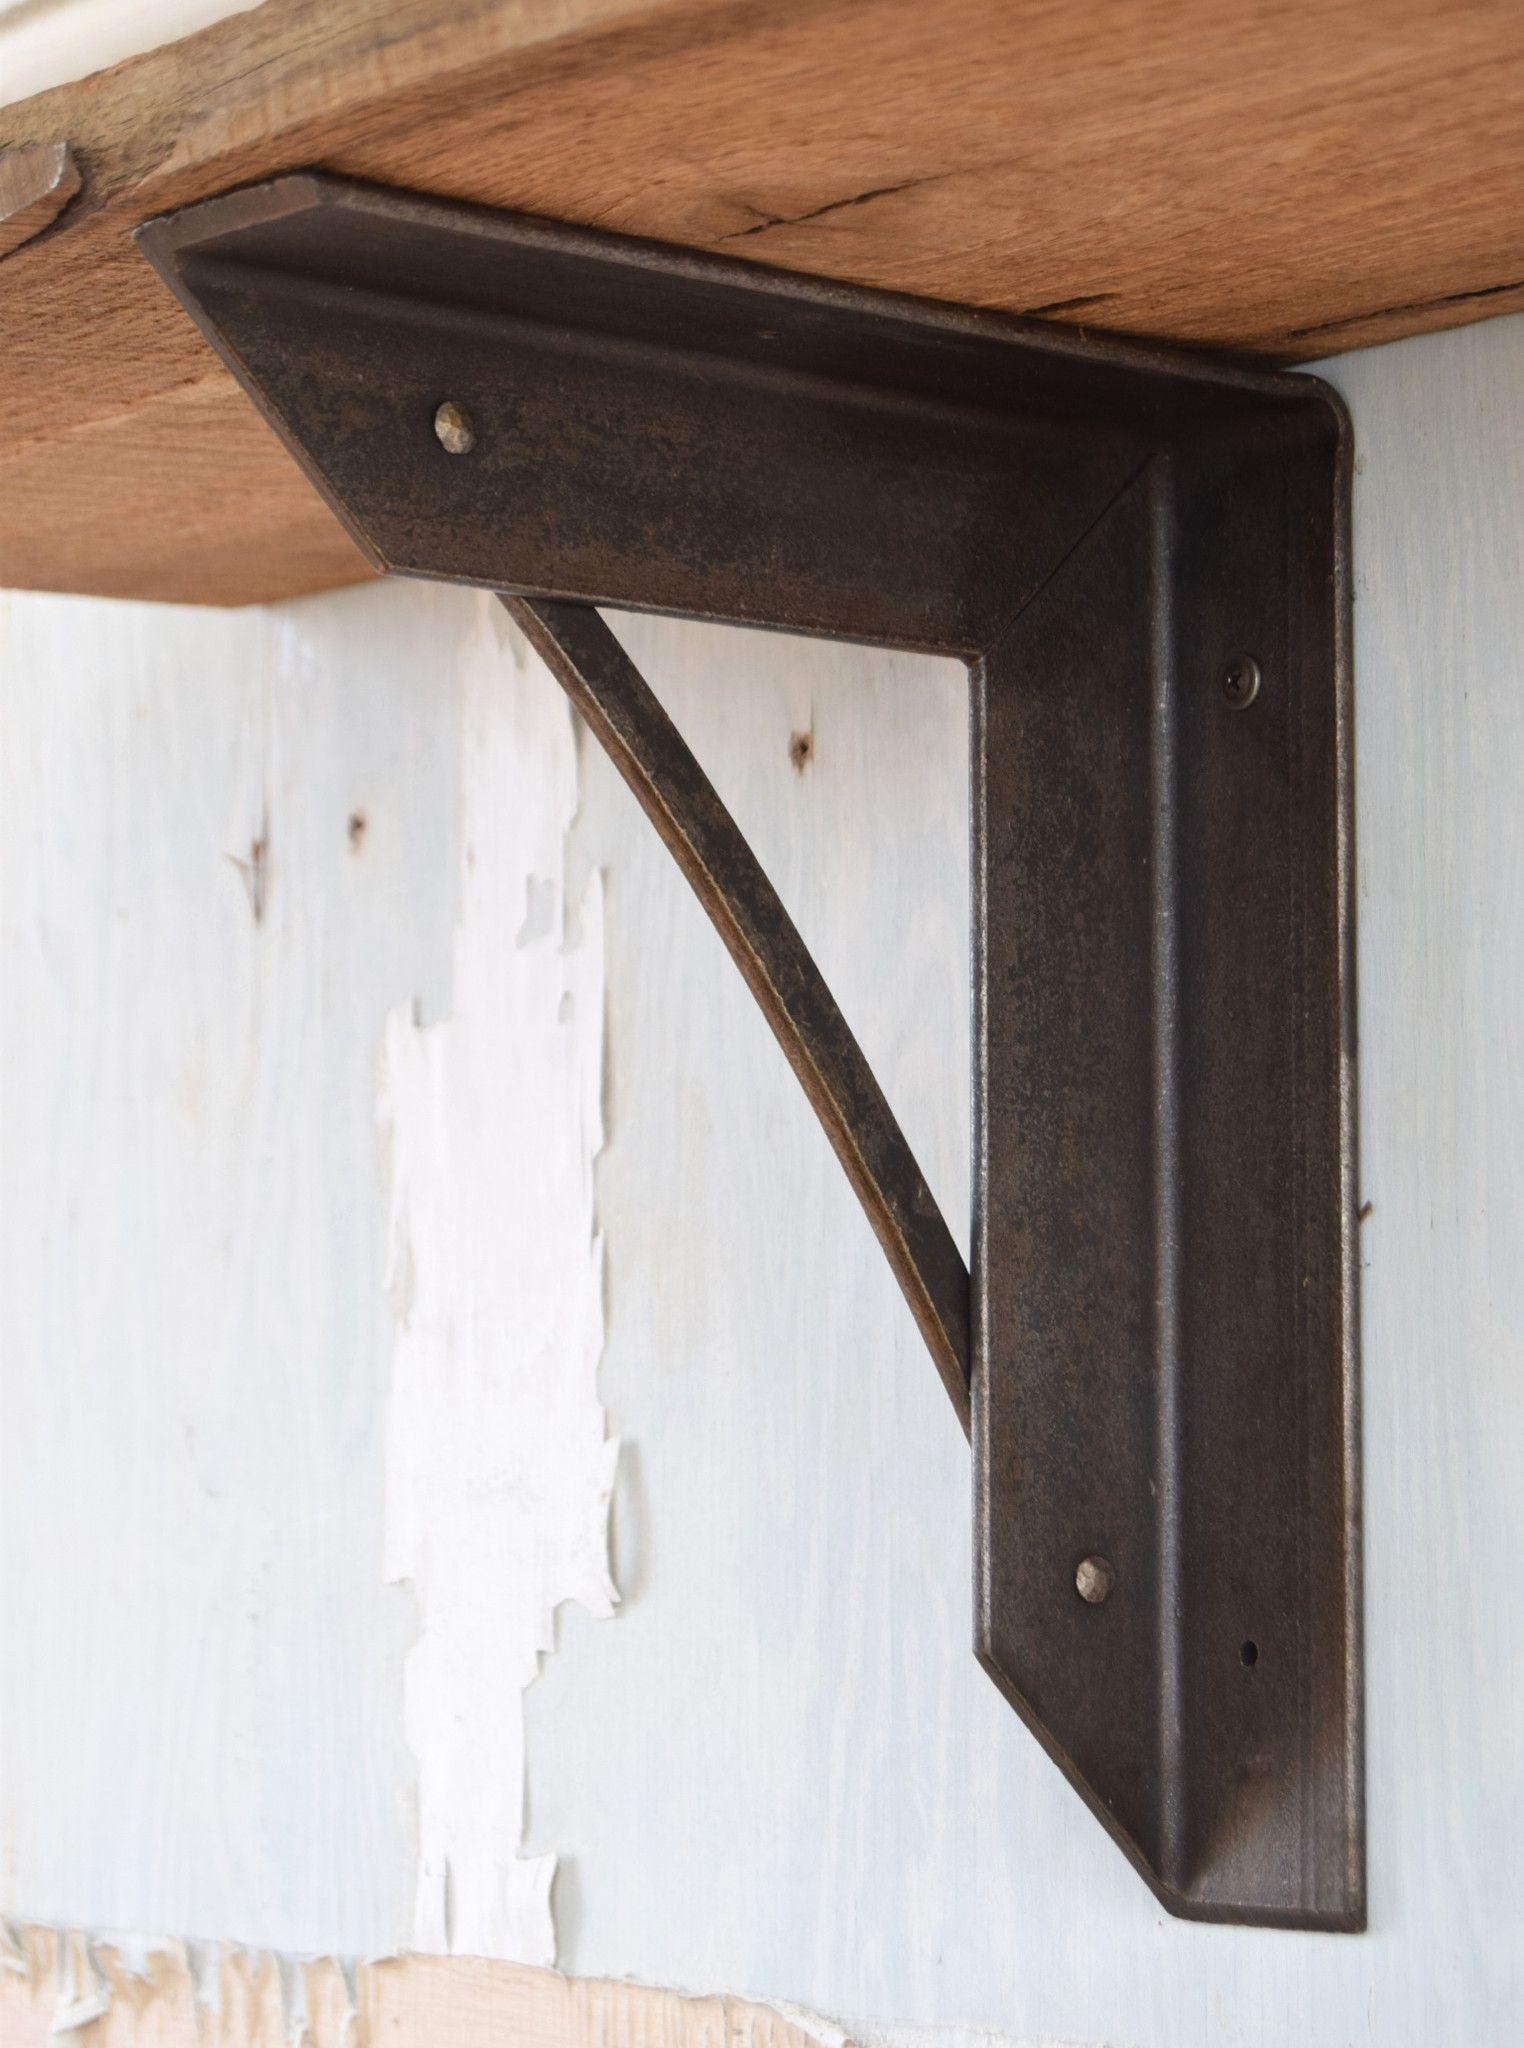 flair notch corner metal decorative hanging vintage wall hardware brackets top bracket shelf mounting